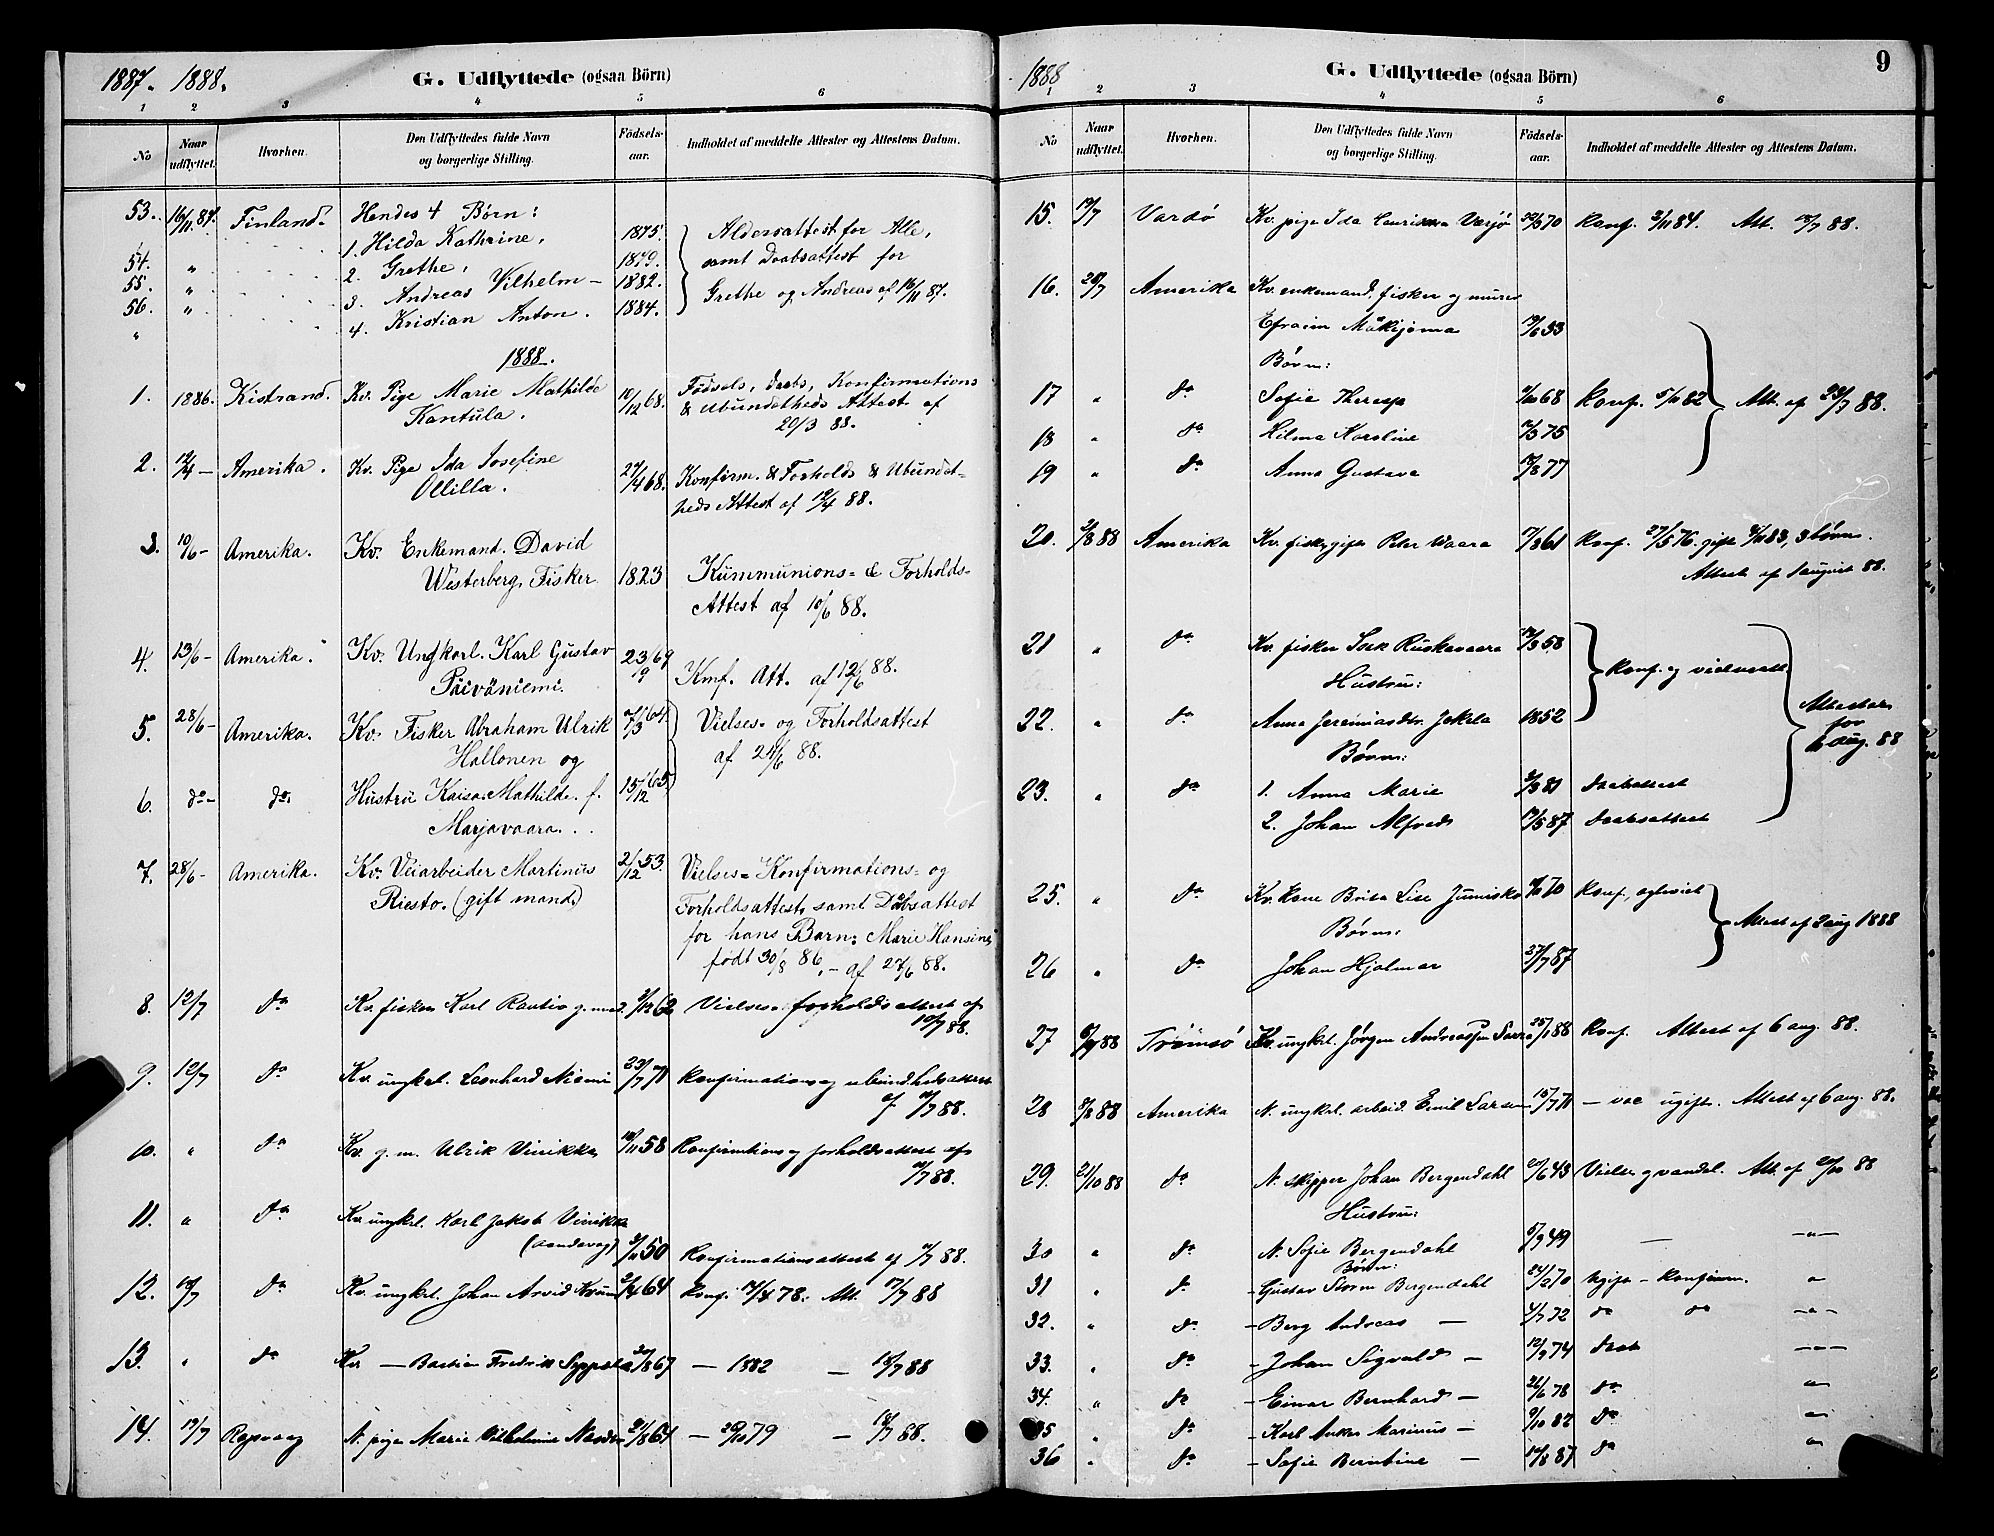 SATØ, Vadsø soknepreskontor, H/Hb/L0005klokker: Klokkerbok nr. 5, 1885-1901, s. 9